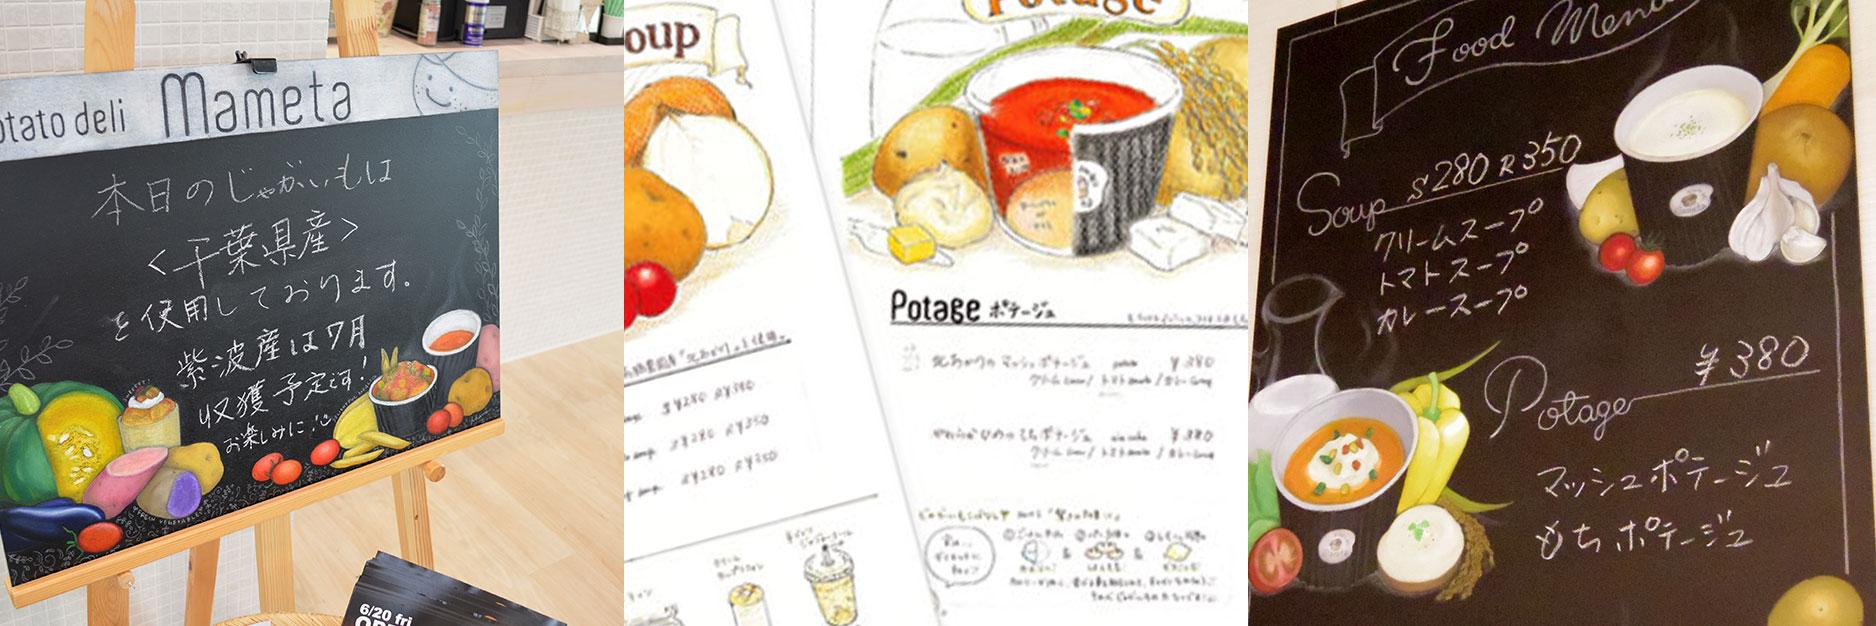 potato deli mameta チョークボード制作事例